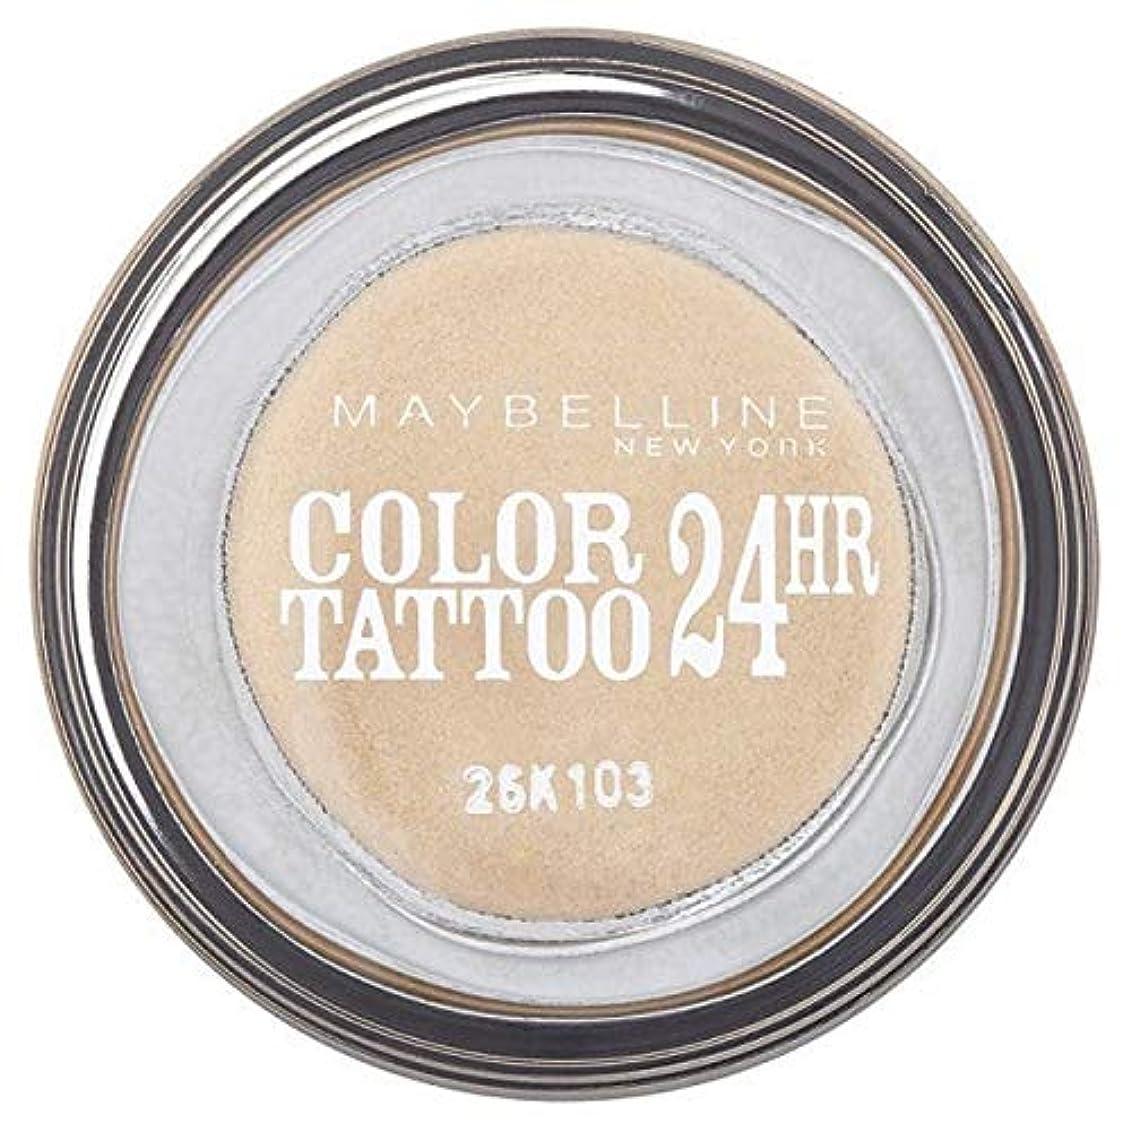 クスクスボーナス役に立たない[Maybelline ] シングルアイシャドウ05金24時間メイベリンカラータトゥー - Maybelline Color Tattoo 24Hr Single Eyeshadow 05 Gold [並行輸入品]